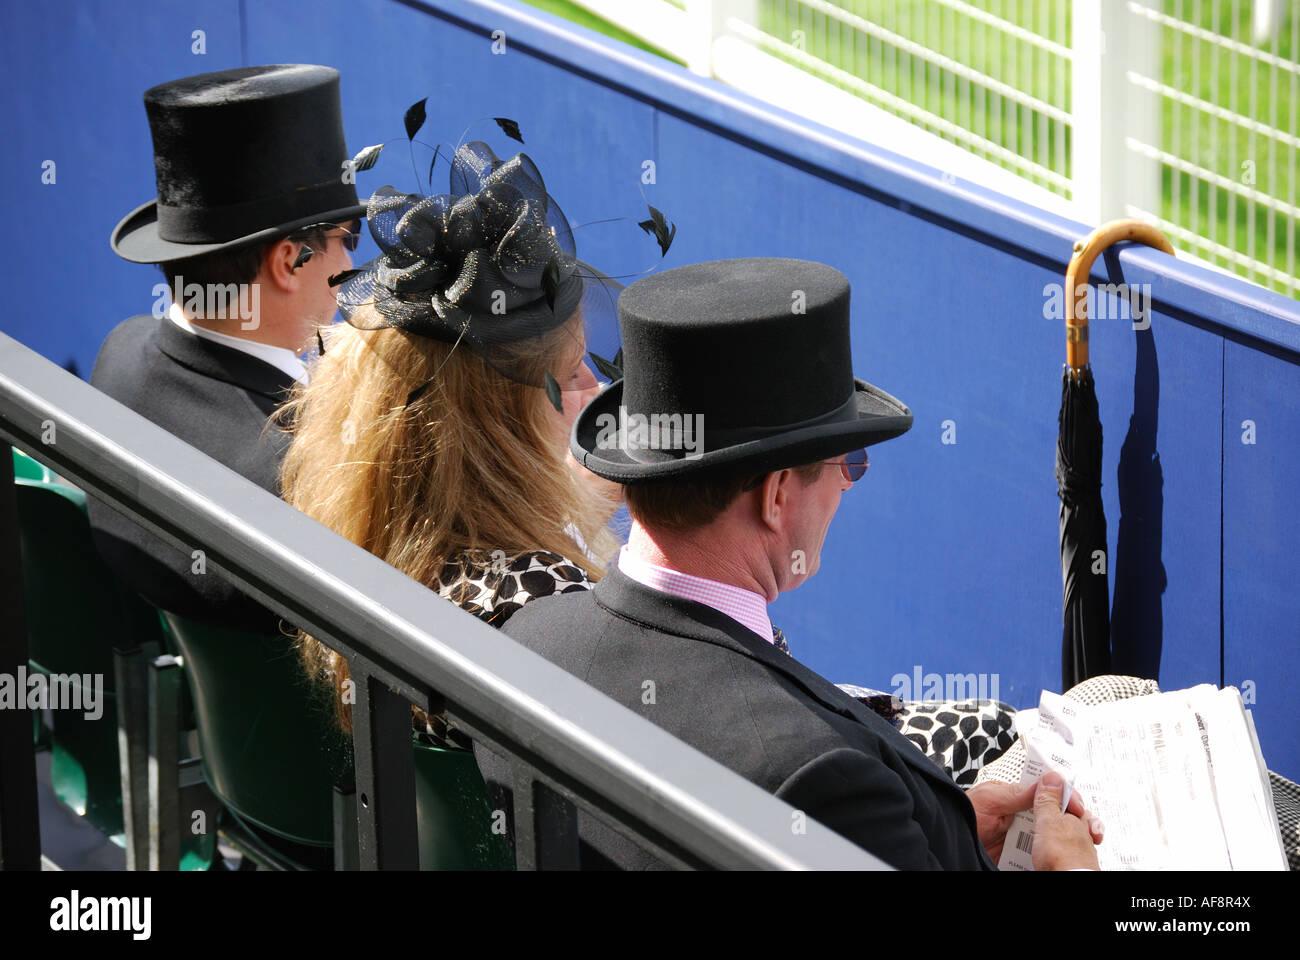 Grupo en el Royal Enclosure, Royal Ascot Reunión, el hipódromo de Ascot, Ascot, Berkshire, Inglaterra, Imagen De Stock